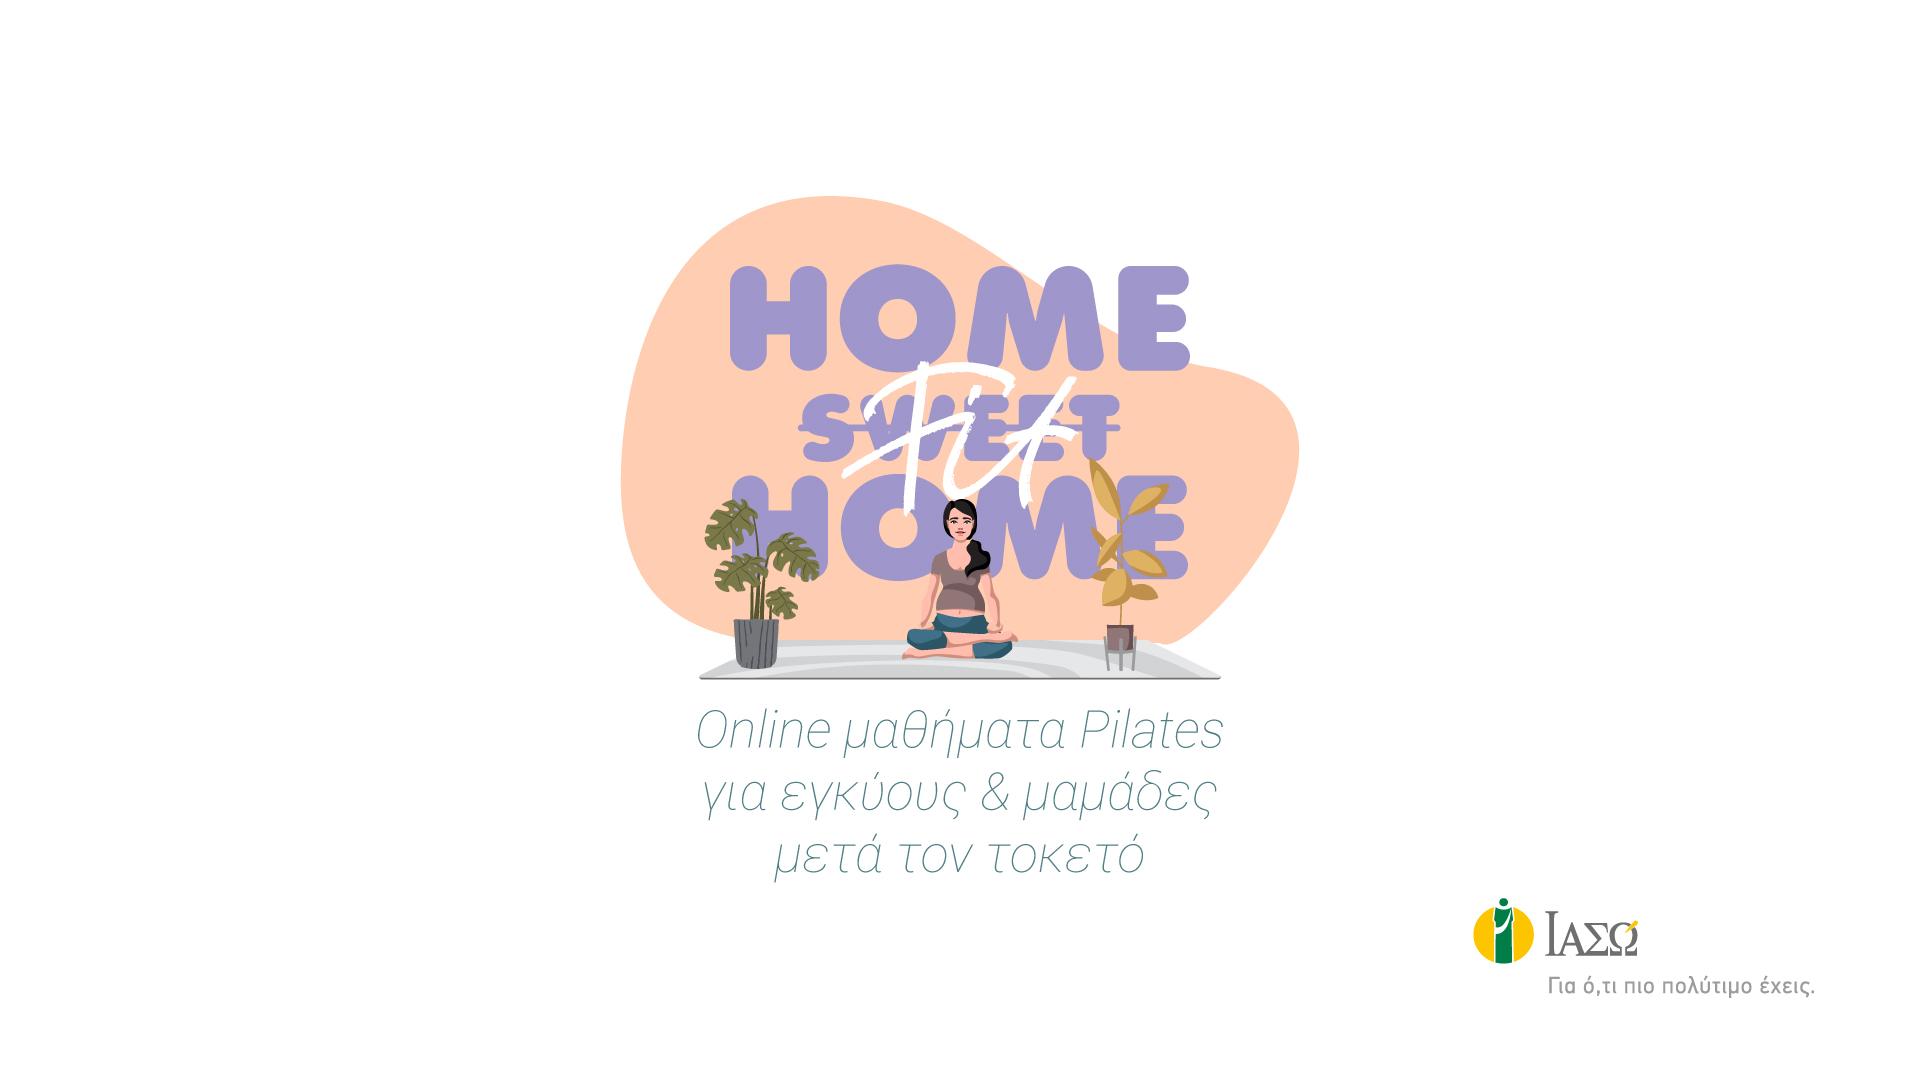 Το ΙΑΣΩ δημιούργησε το πρόγραμμα Home Fit Home με Online Pilates για εγκύους & μαμάδες μετά τον τοκετό